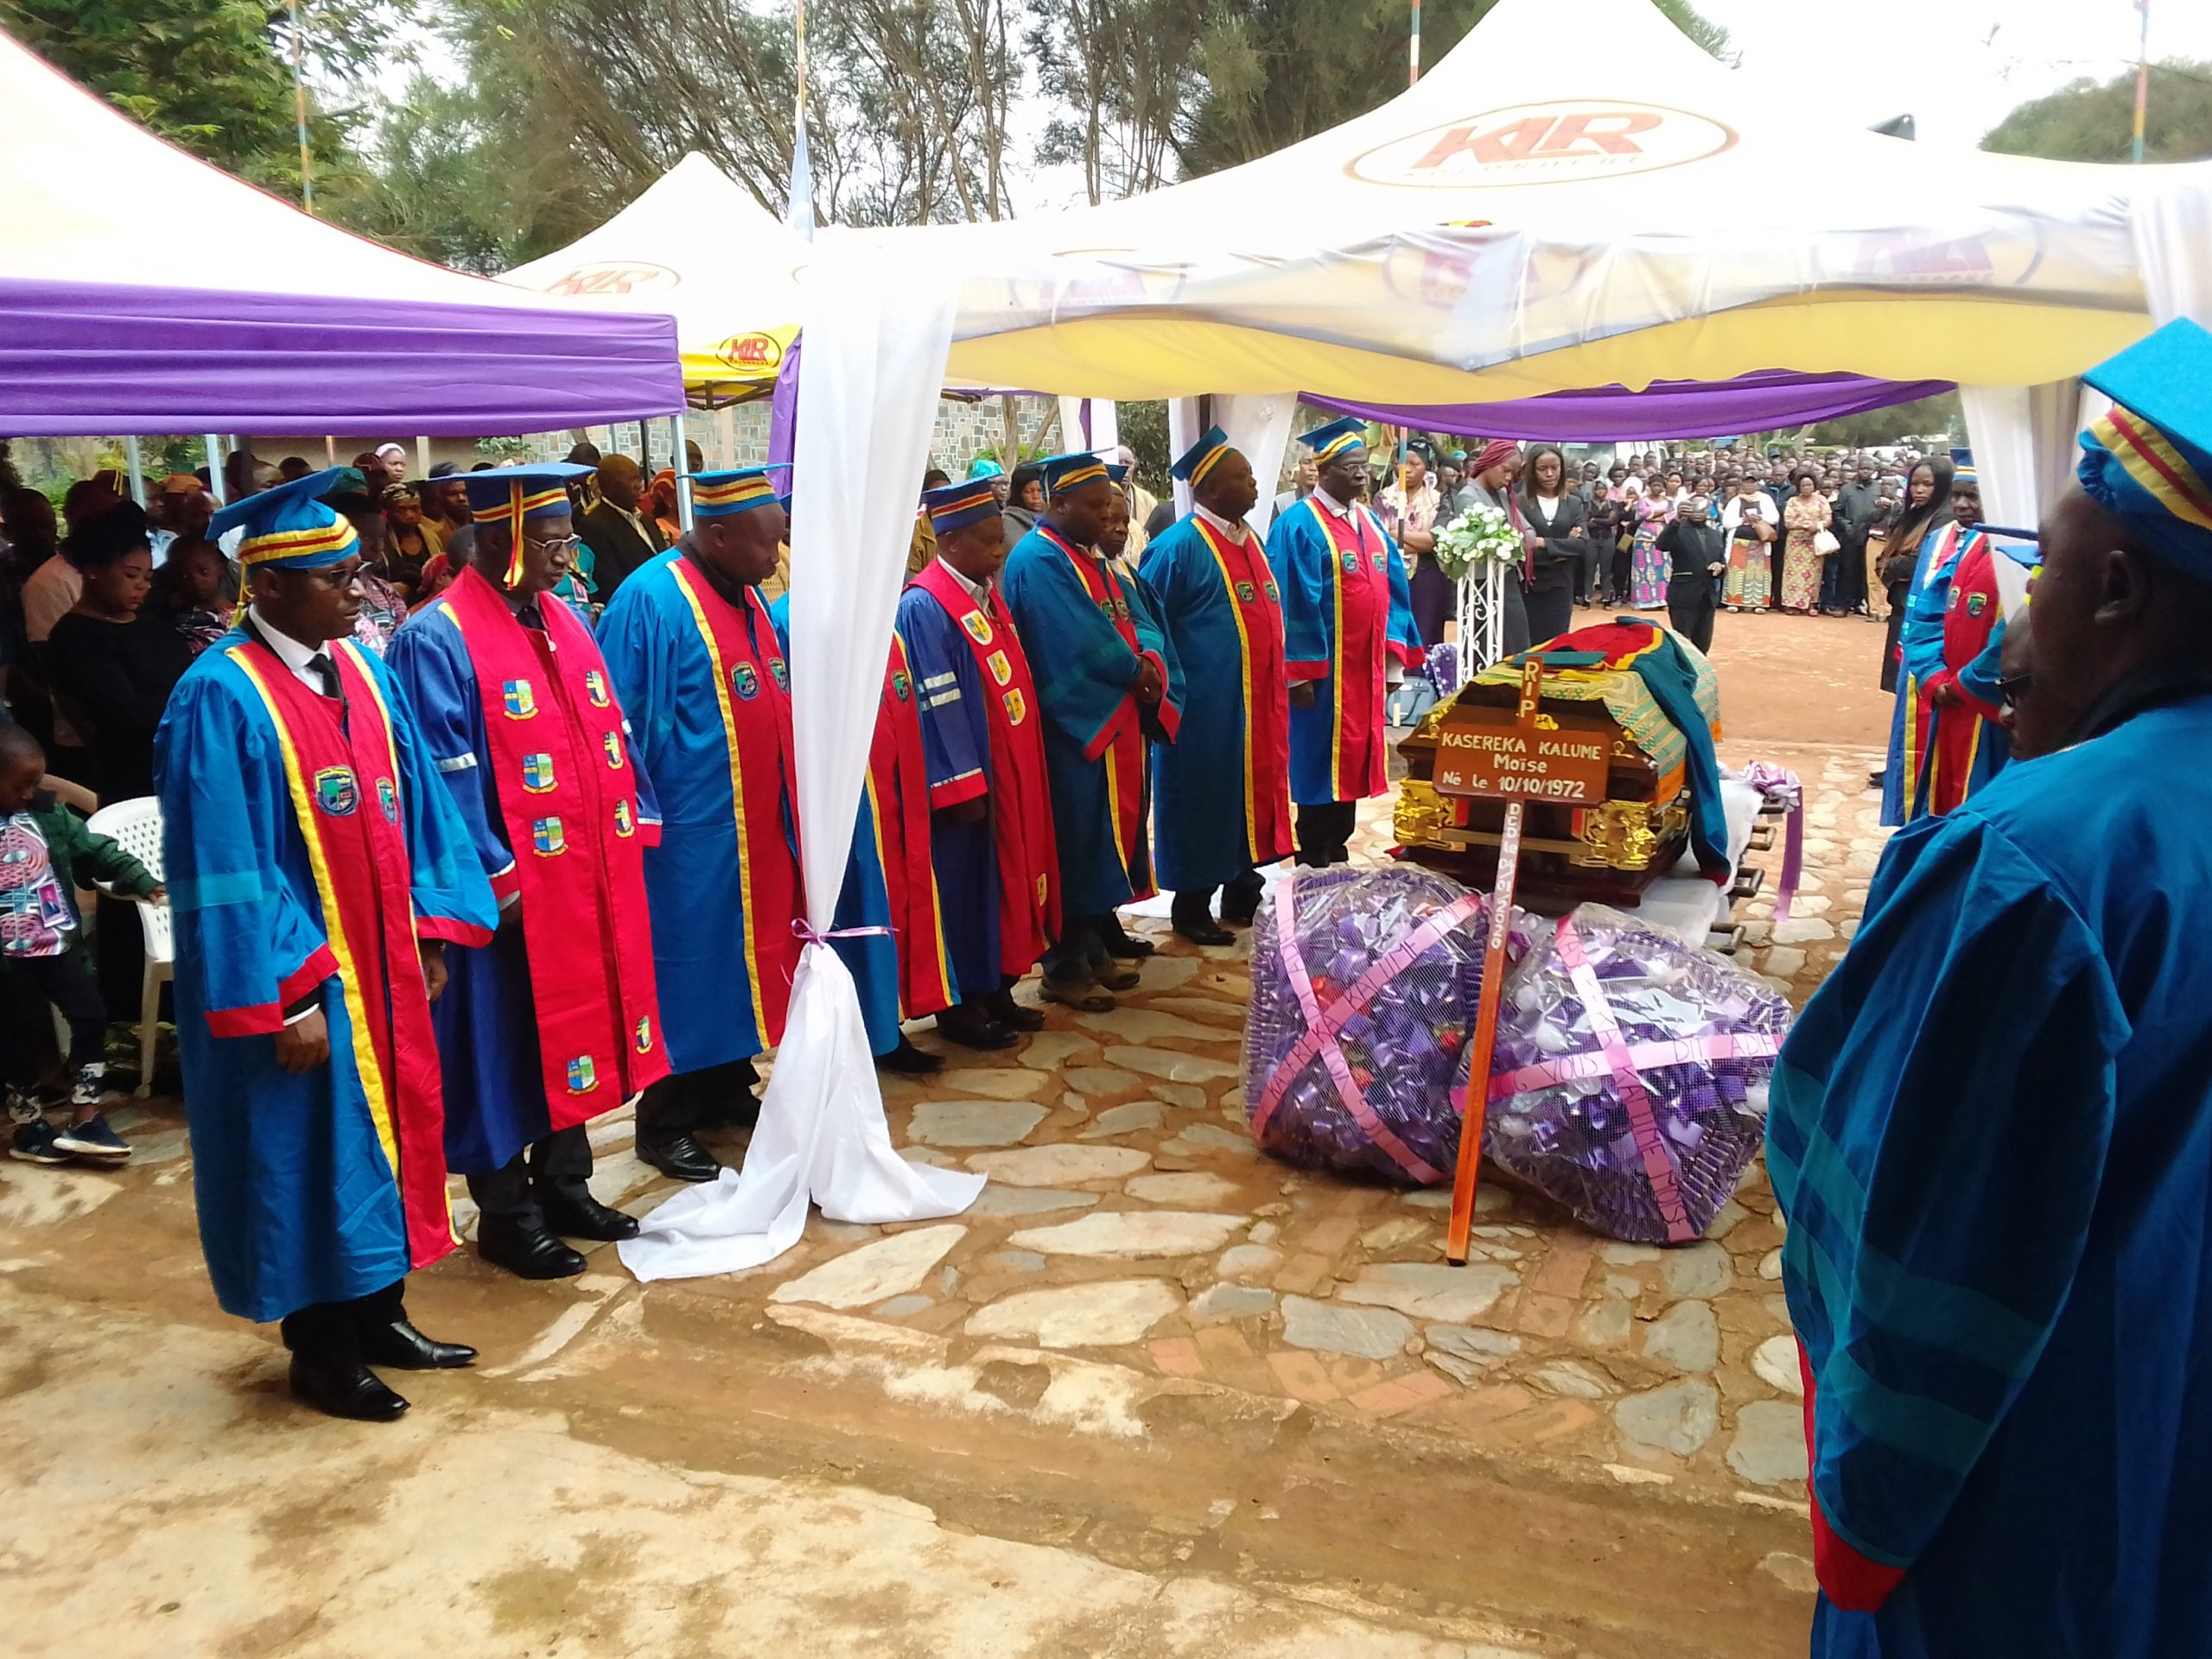 Muguga Cocktail MCL01 du Professeur Kasereka Kalume qui révolutionne le secteur de l'élevage en Afrique Centrale et de l'Est